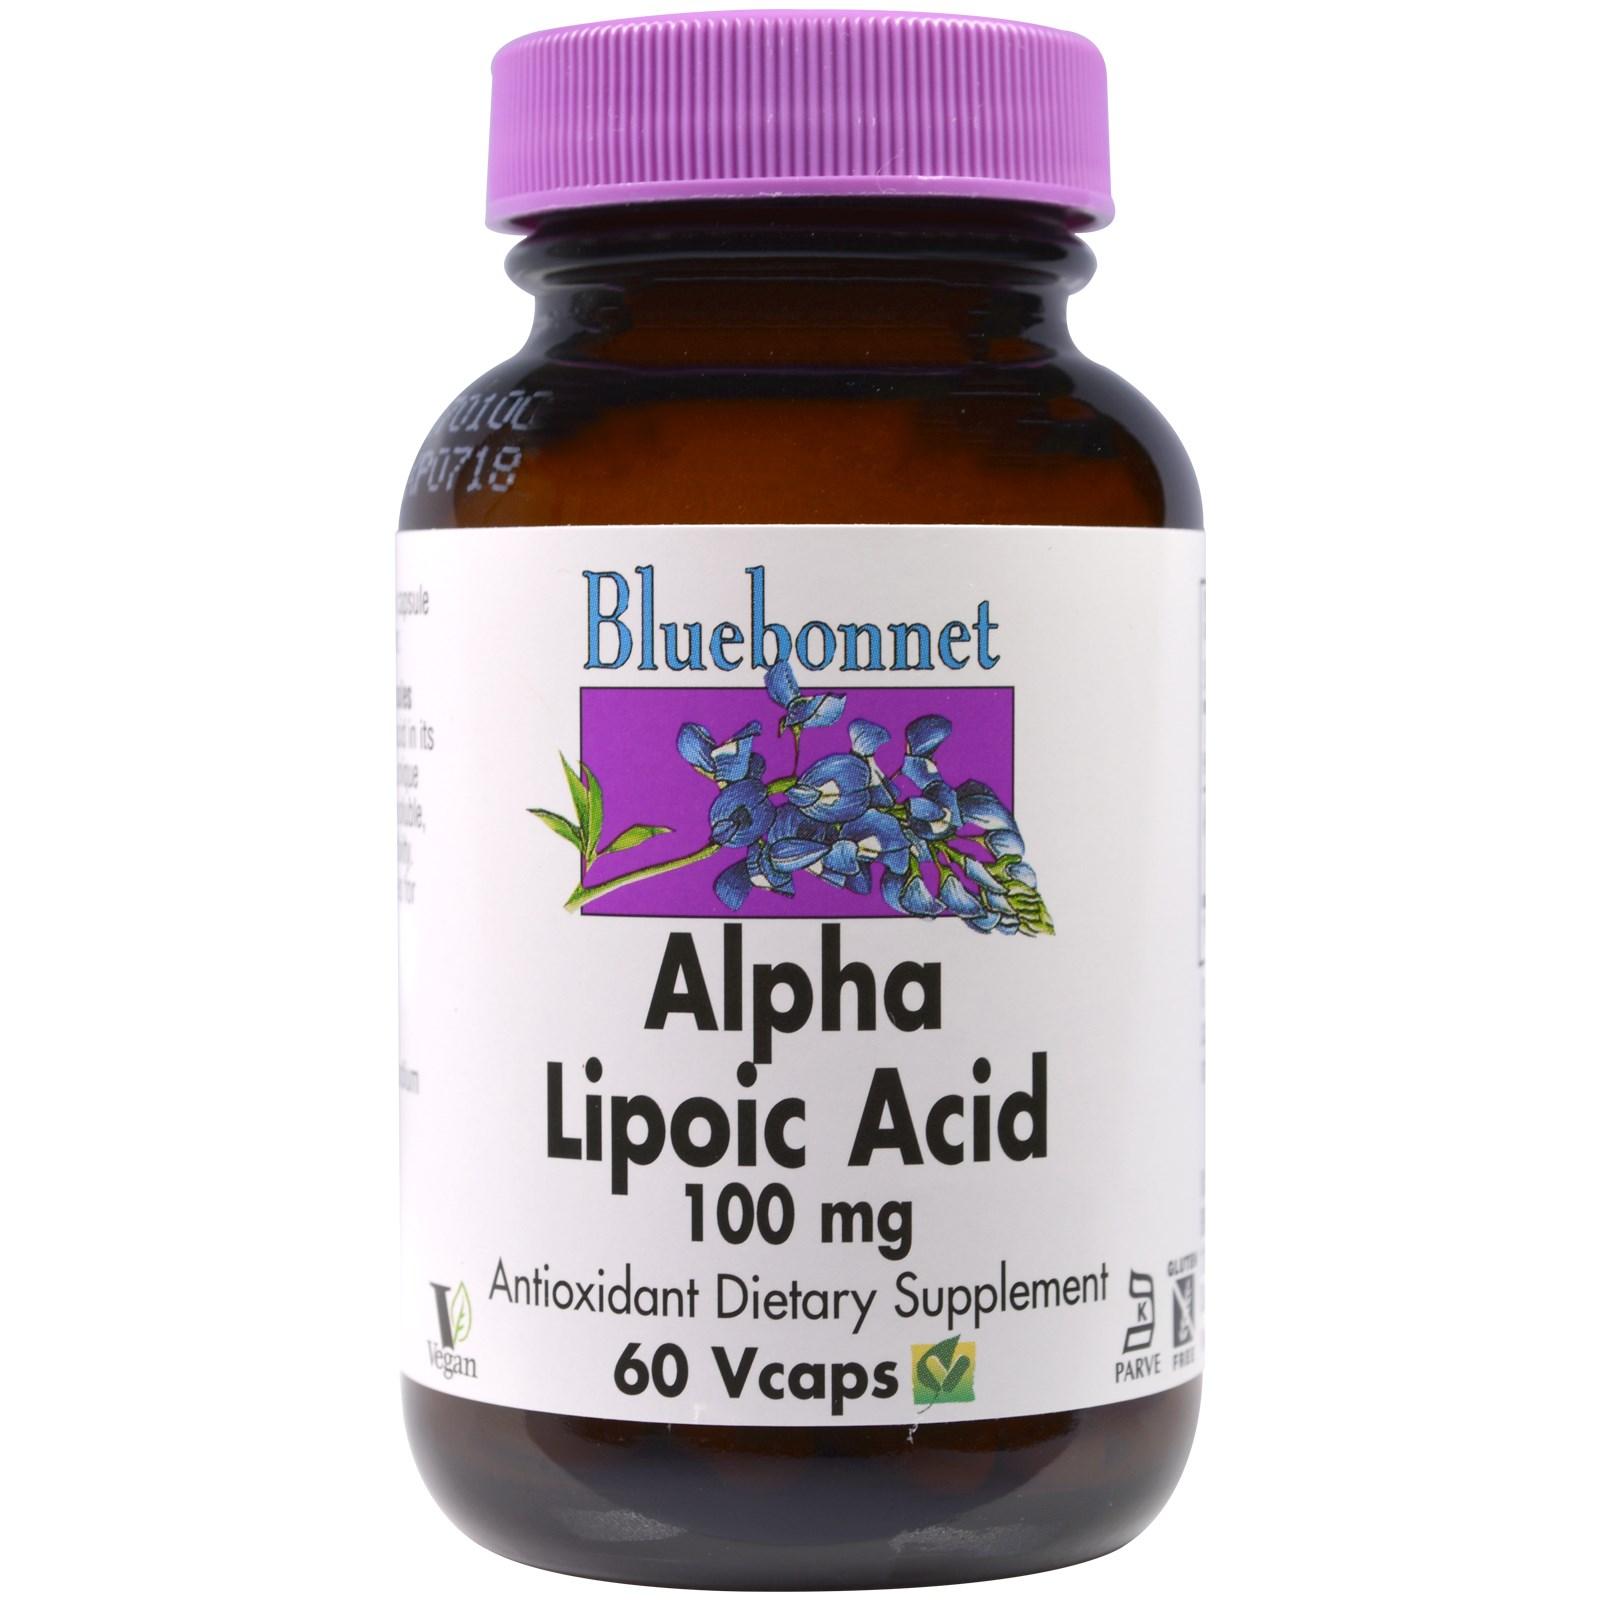 Bluebonnet Nutrition, Альфа-липоевая кислота, 100 мг, 60 капсул в растительной оболочке